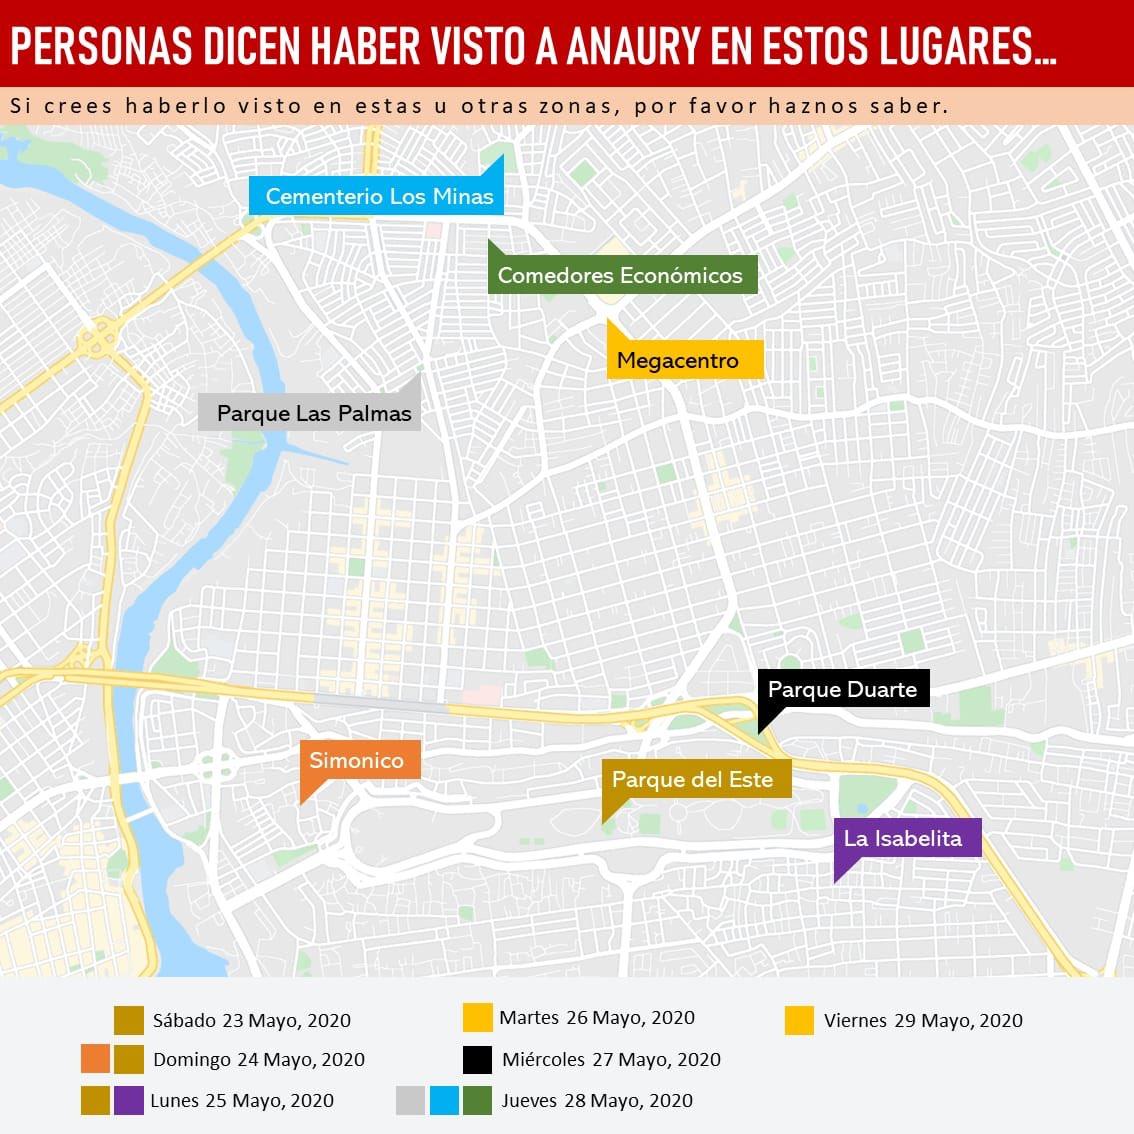 Estas son las zonas donde las personas lo han visto. Ayúdennos a difundir #EncontremosaAnaury https://t.co/jXCsa0IEIA